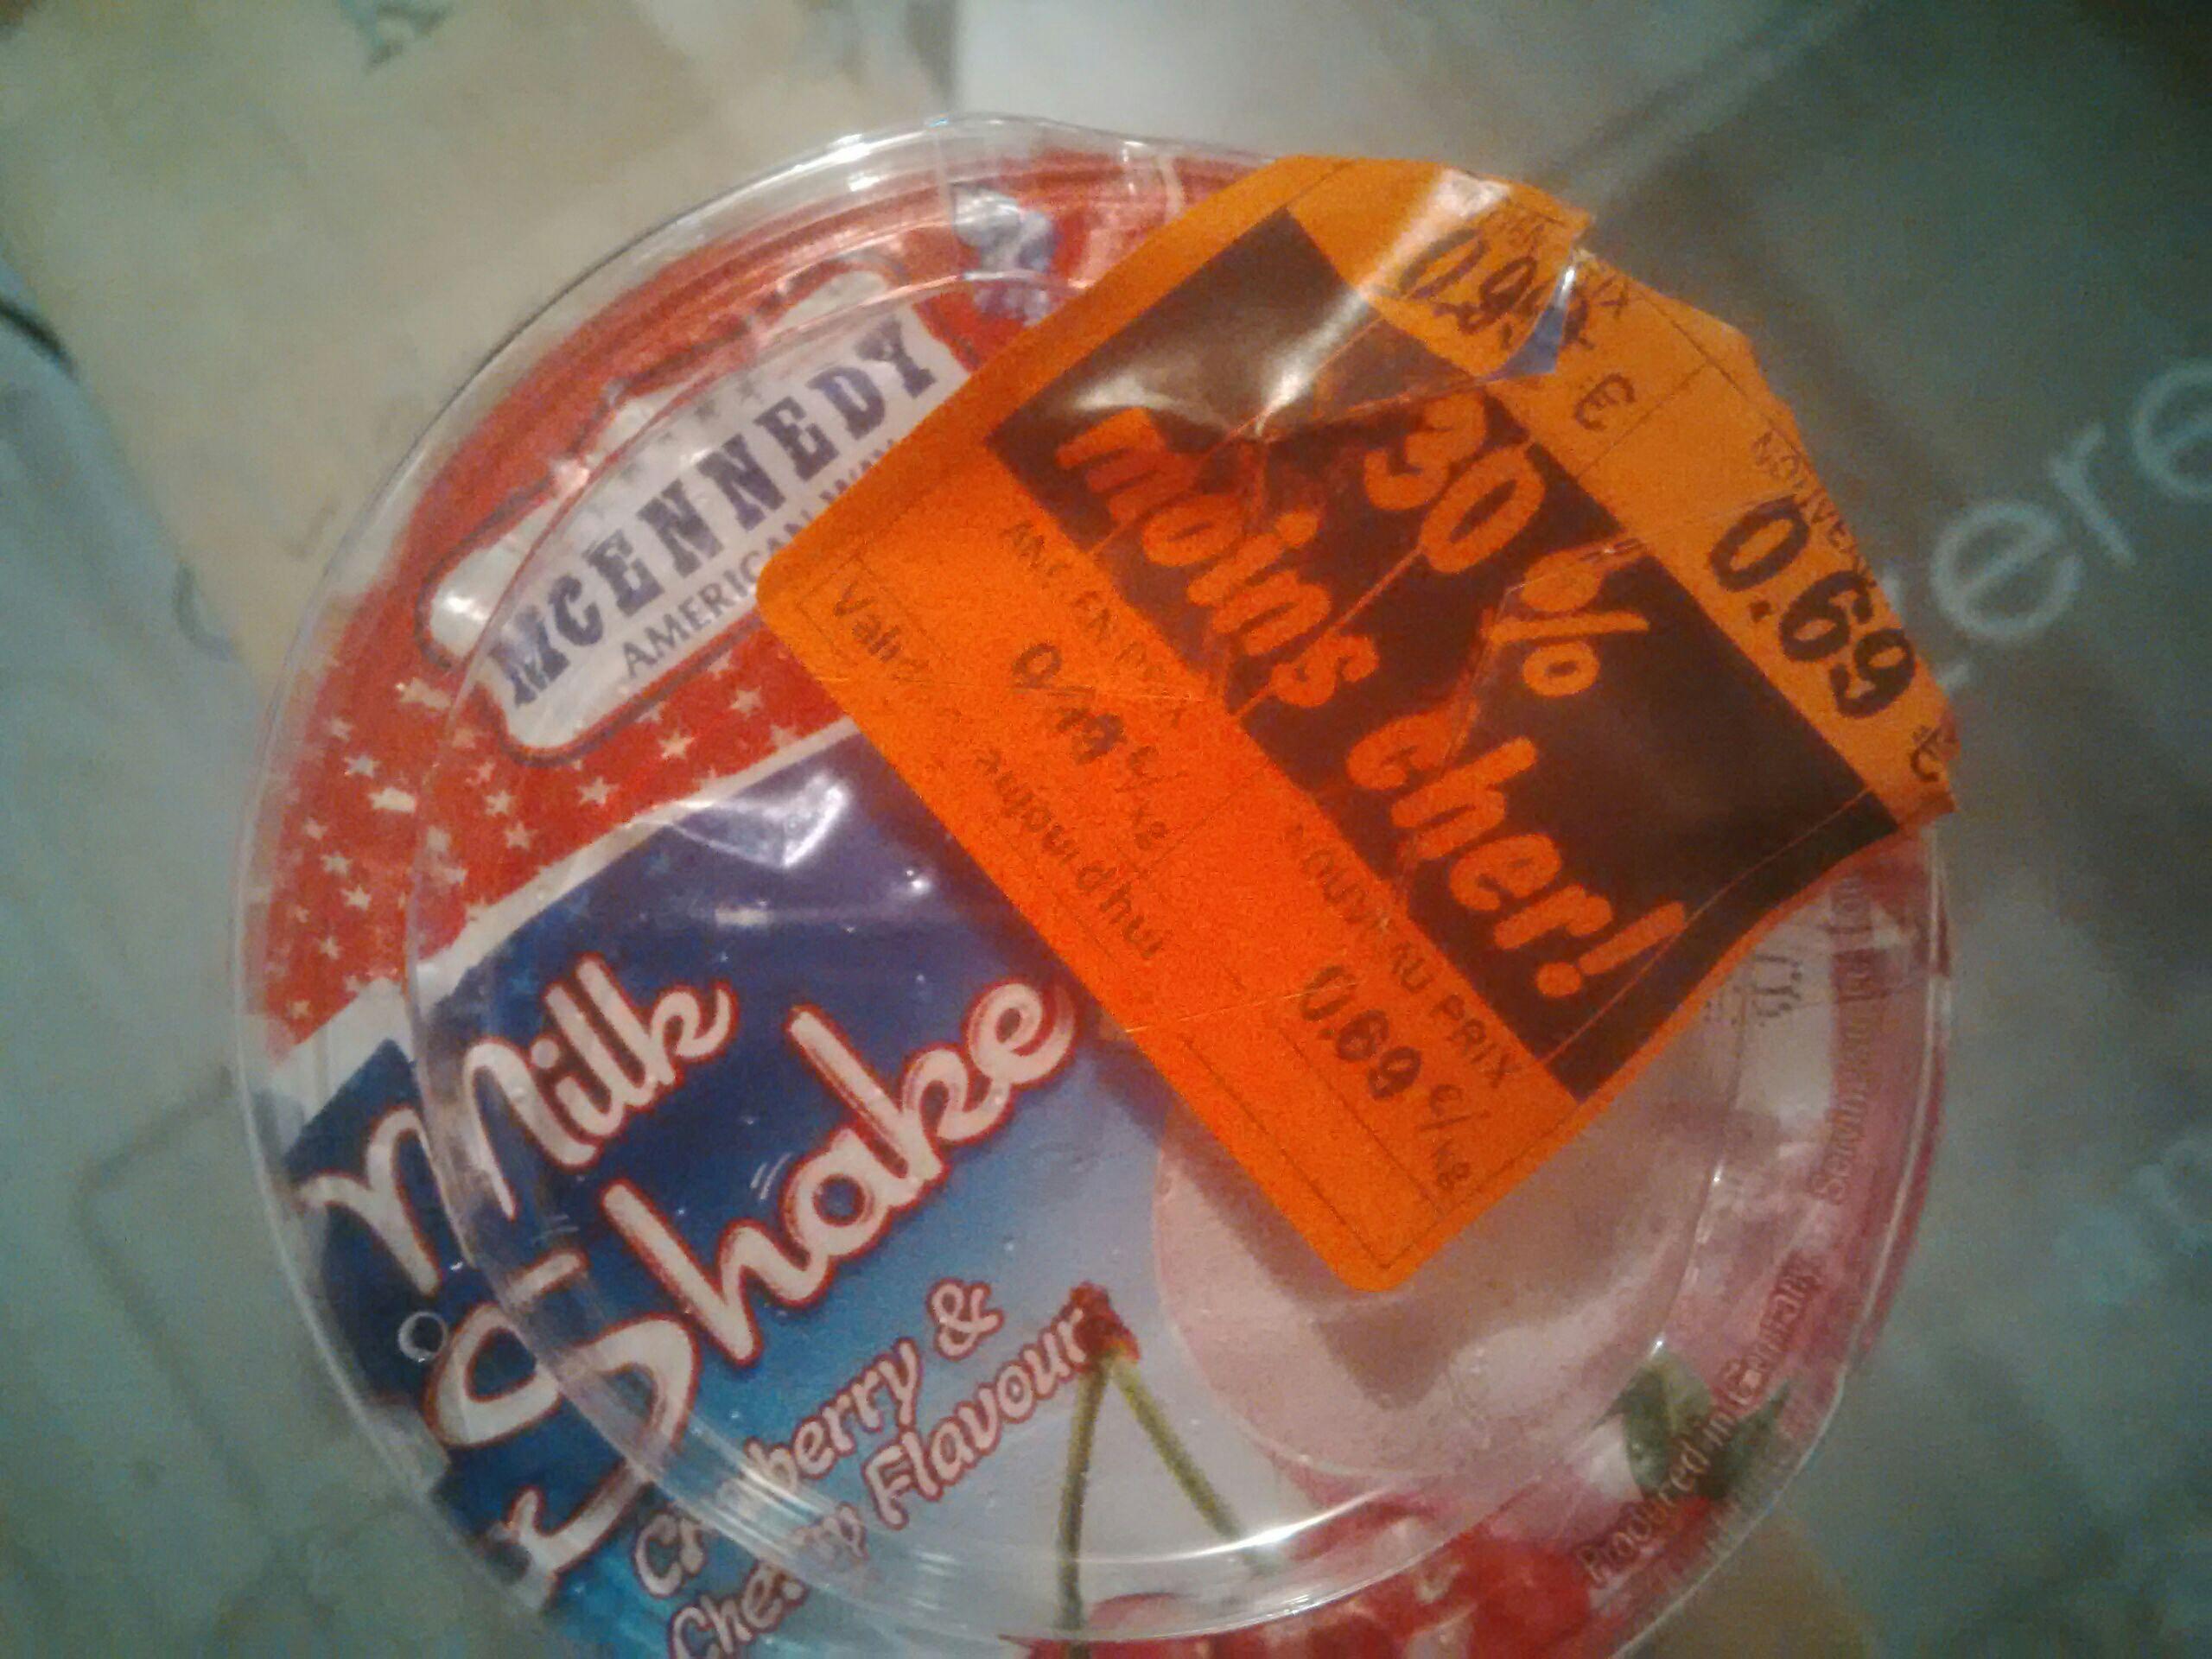 Bouteille Milk shake - fraise/cerise; 230ml, Lidl Voujeaucourt (25)